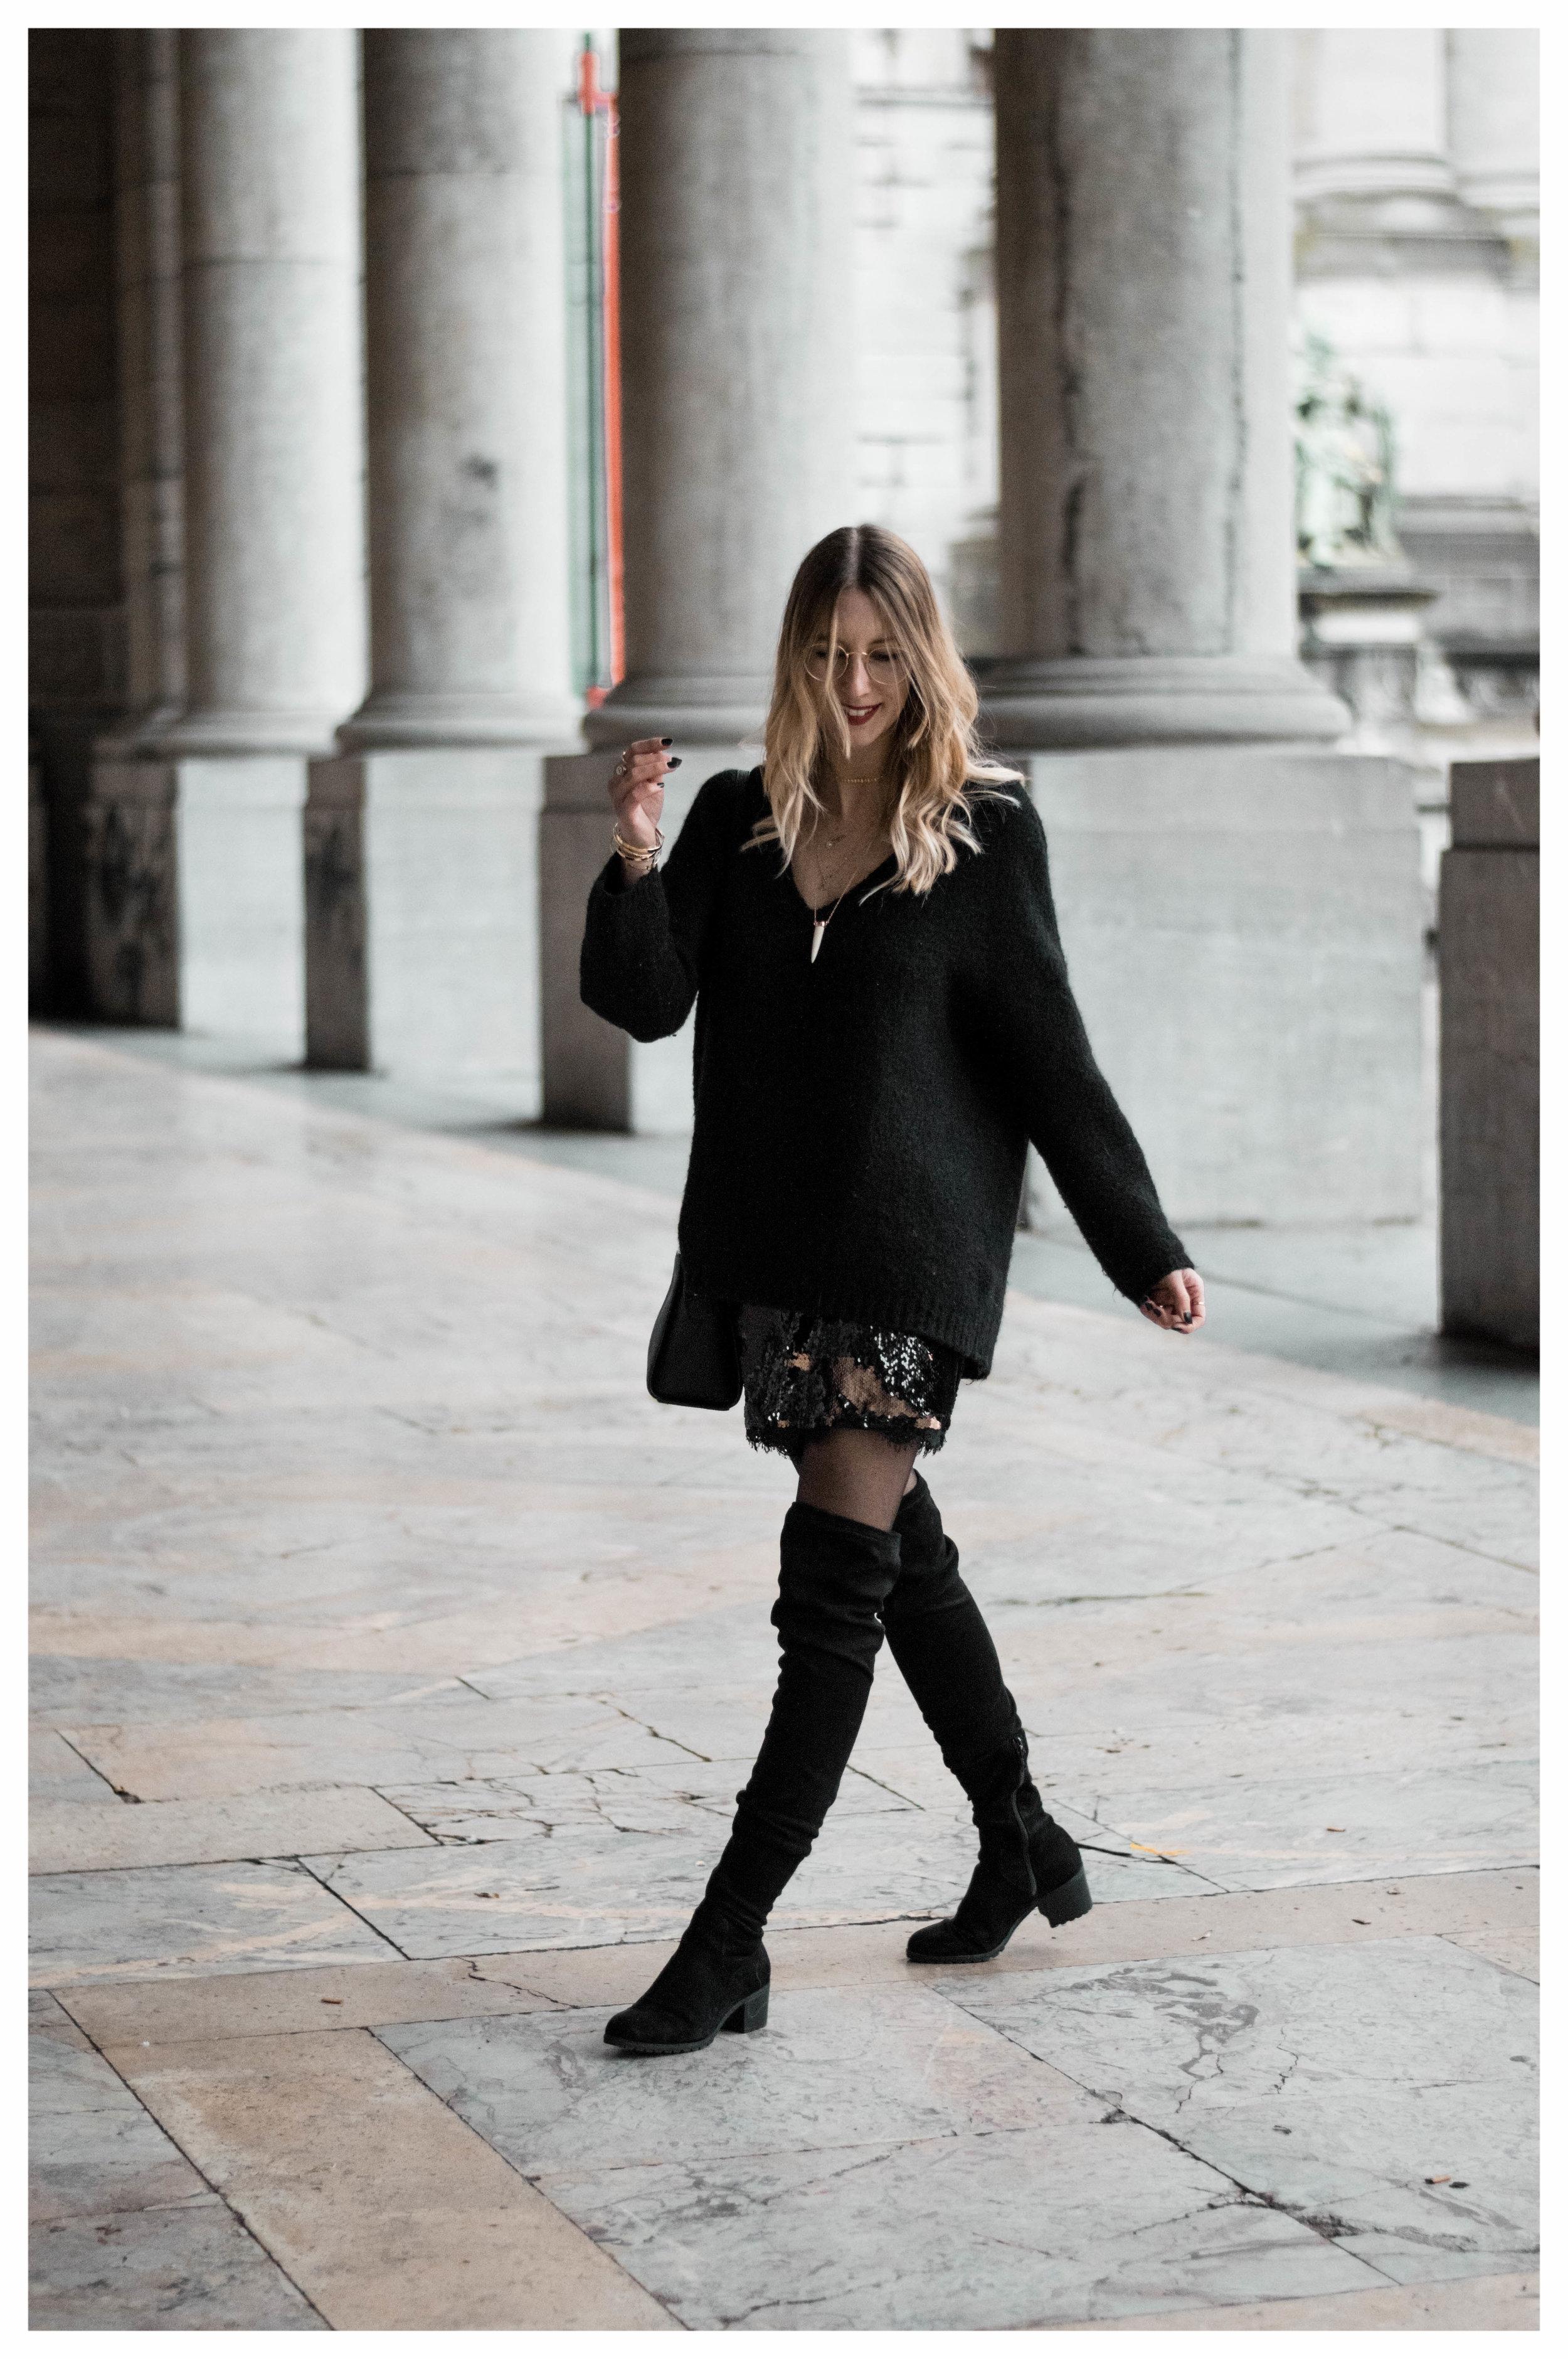 Party Dress Zalando - OSIARAH.COM (34 sur 41).jpg